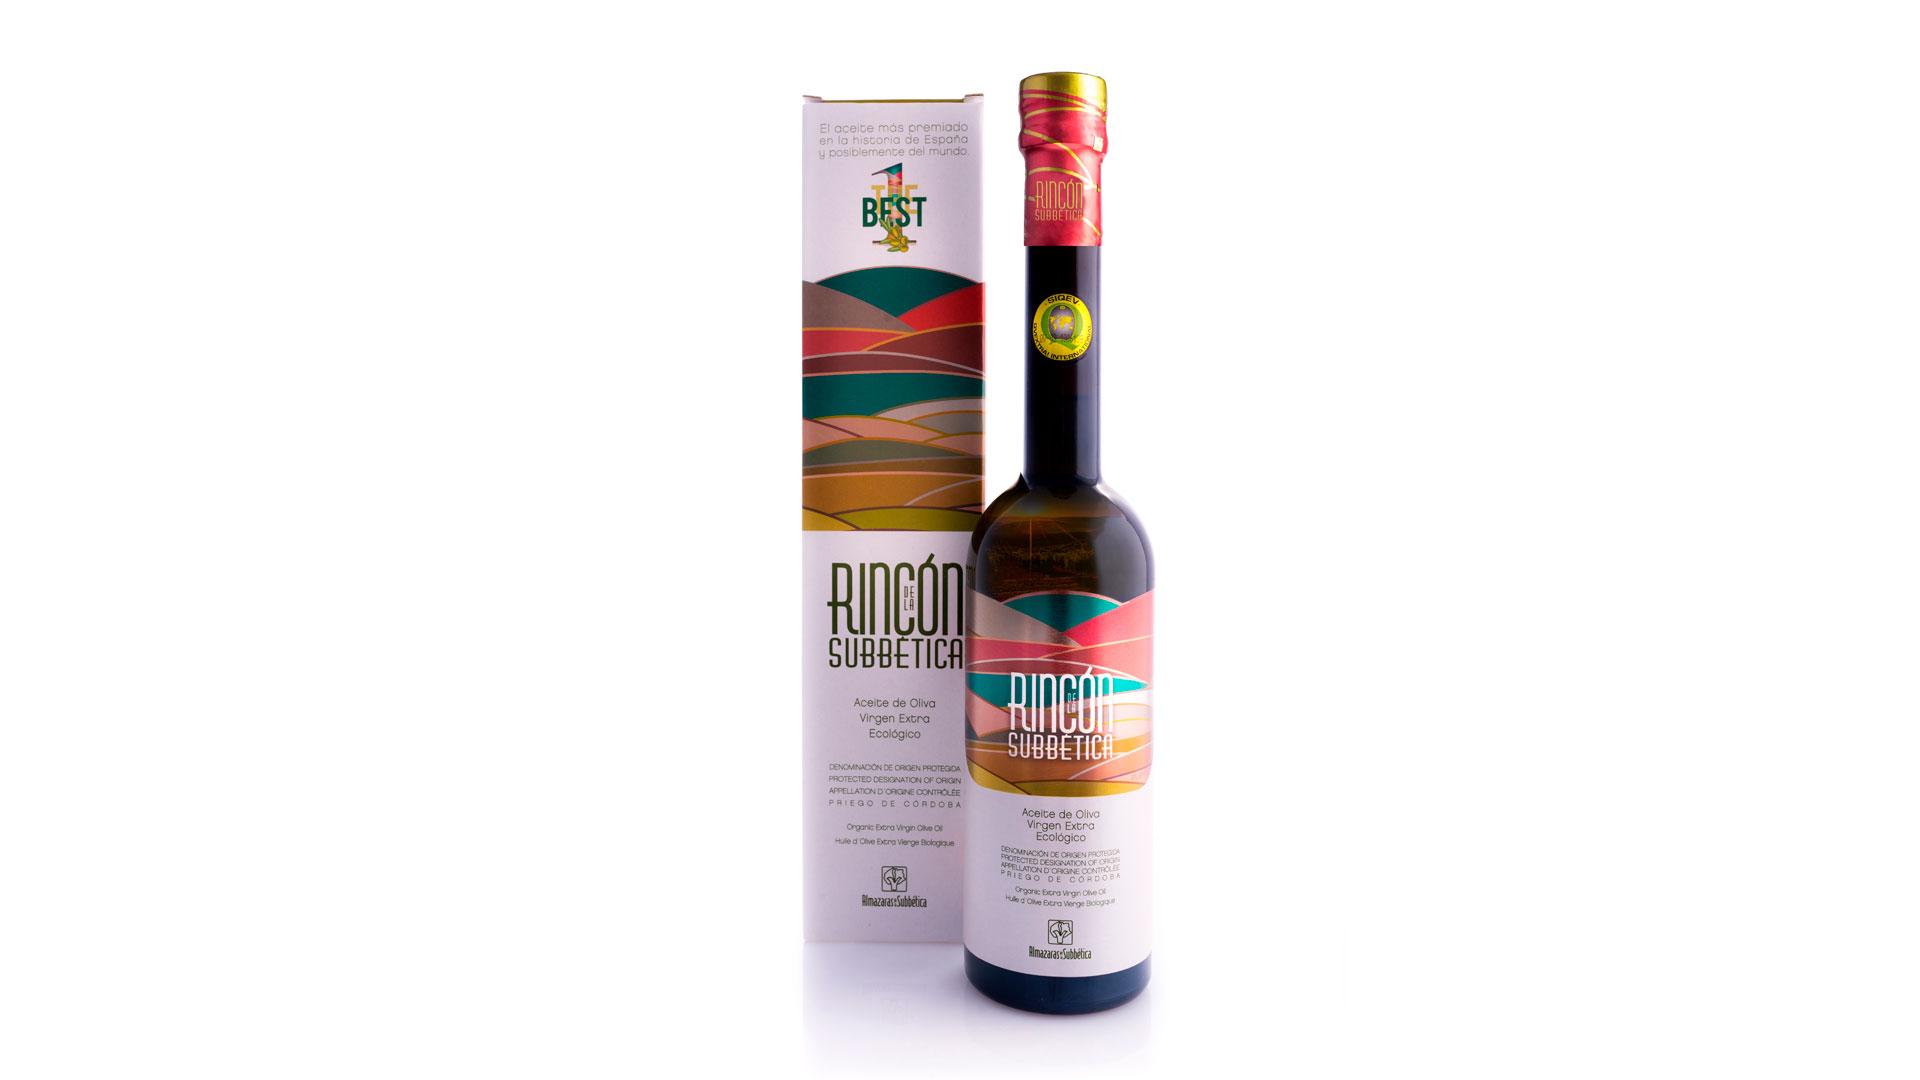 Imagen del aceite Rincón de la Subbética